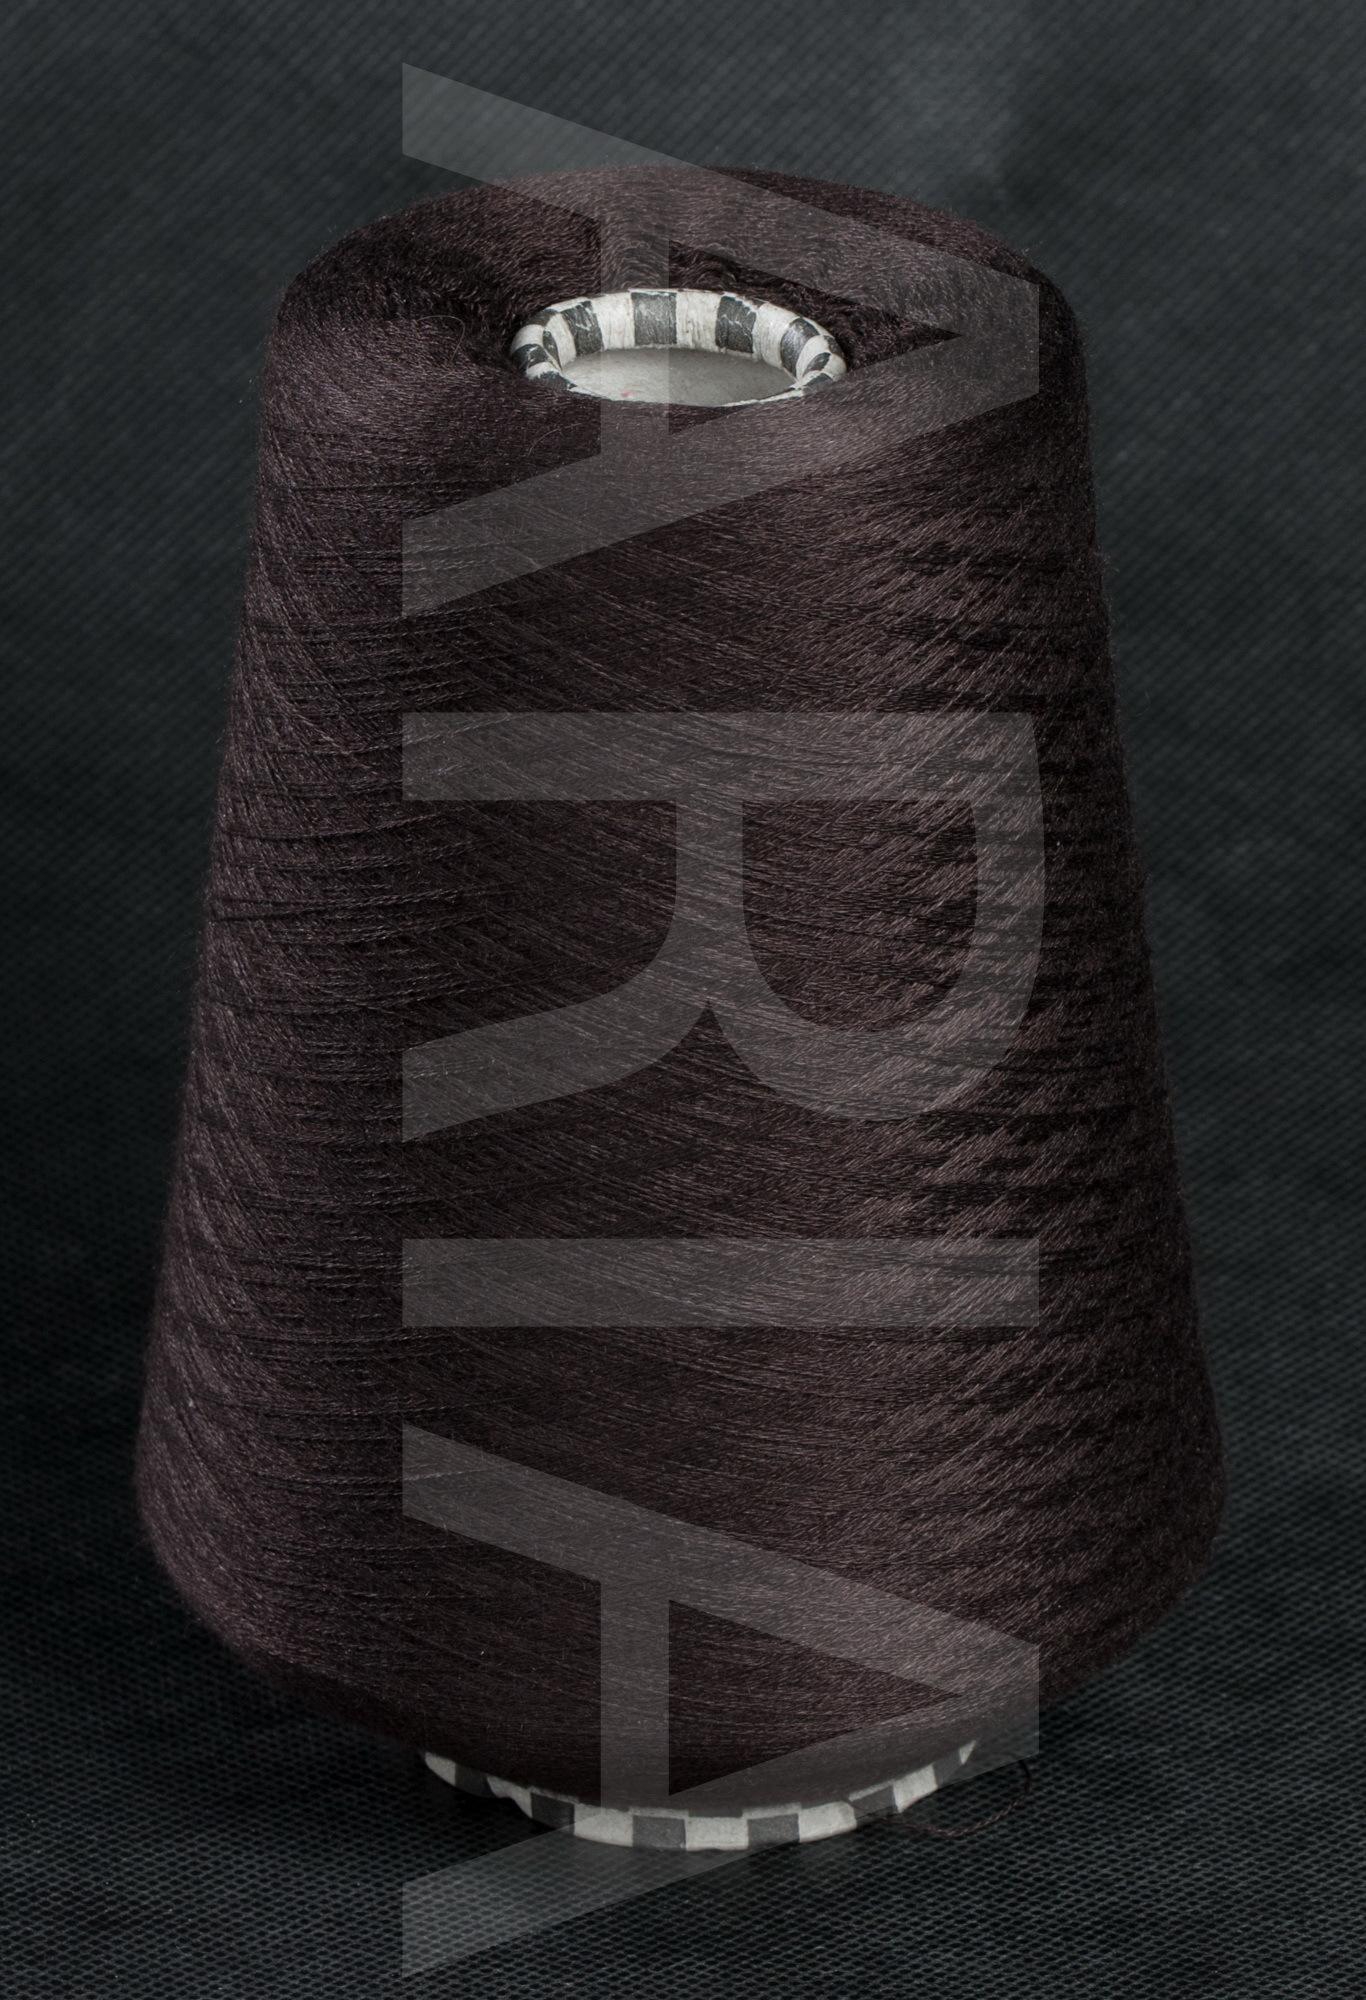 12177-Jaipur, кашемир с шелком, шоколад_купить в интернет-магазине yarnsnob.ru